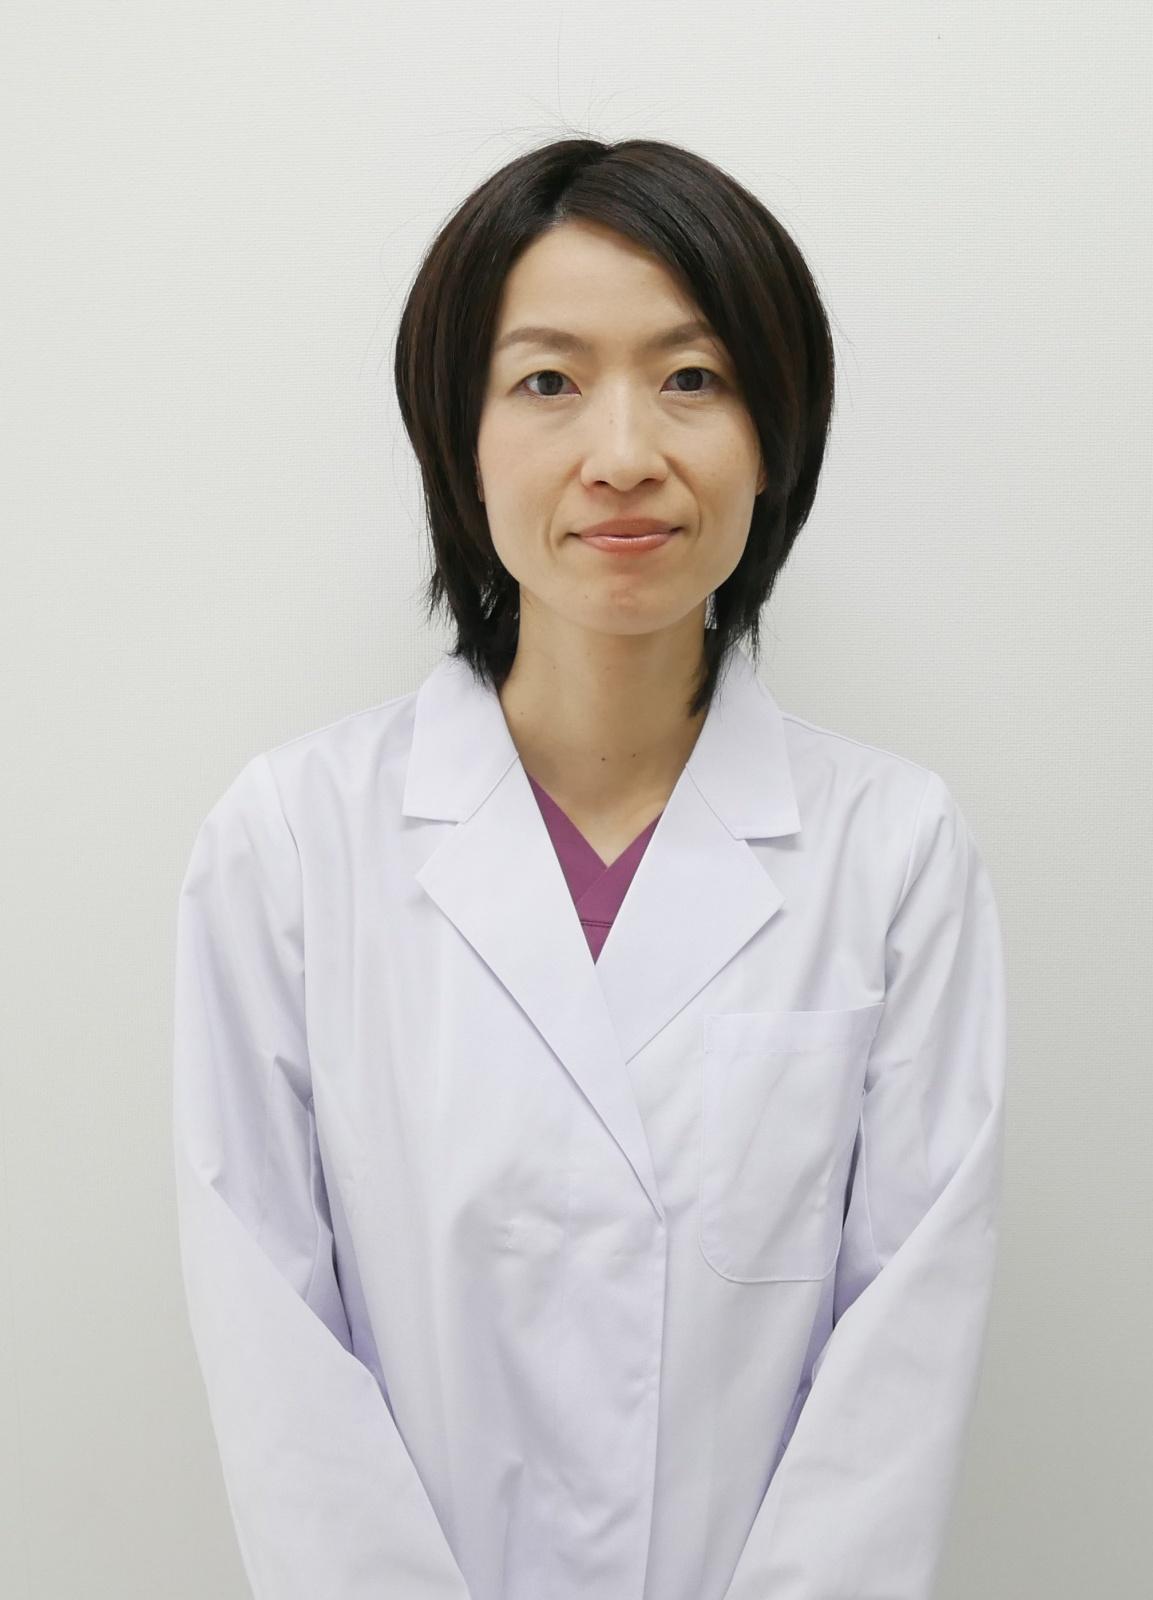 田中 祐子 医師(常勤)